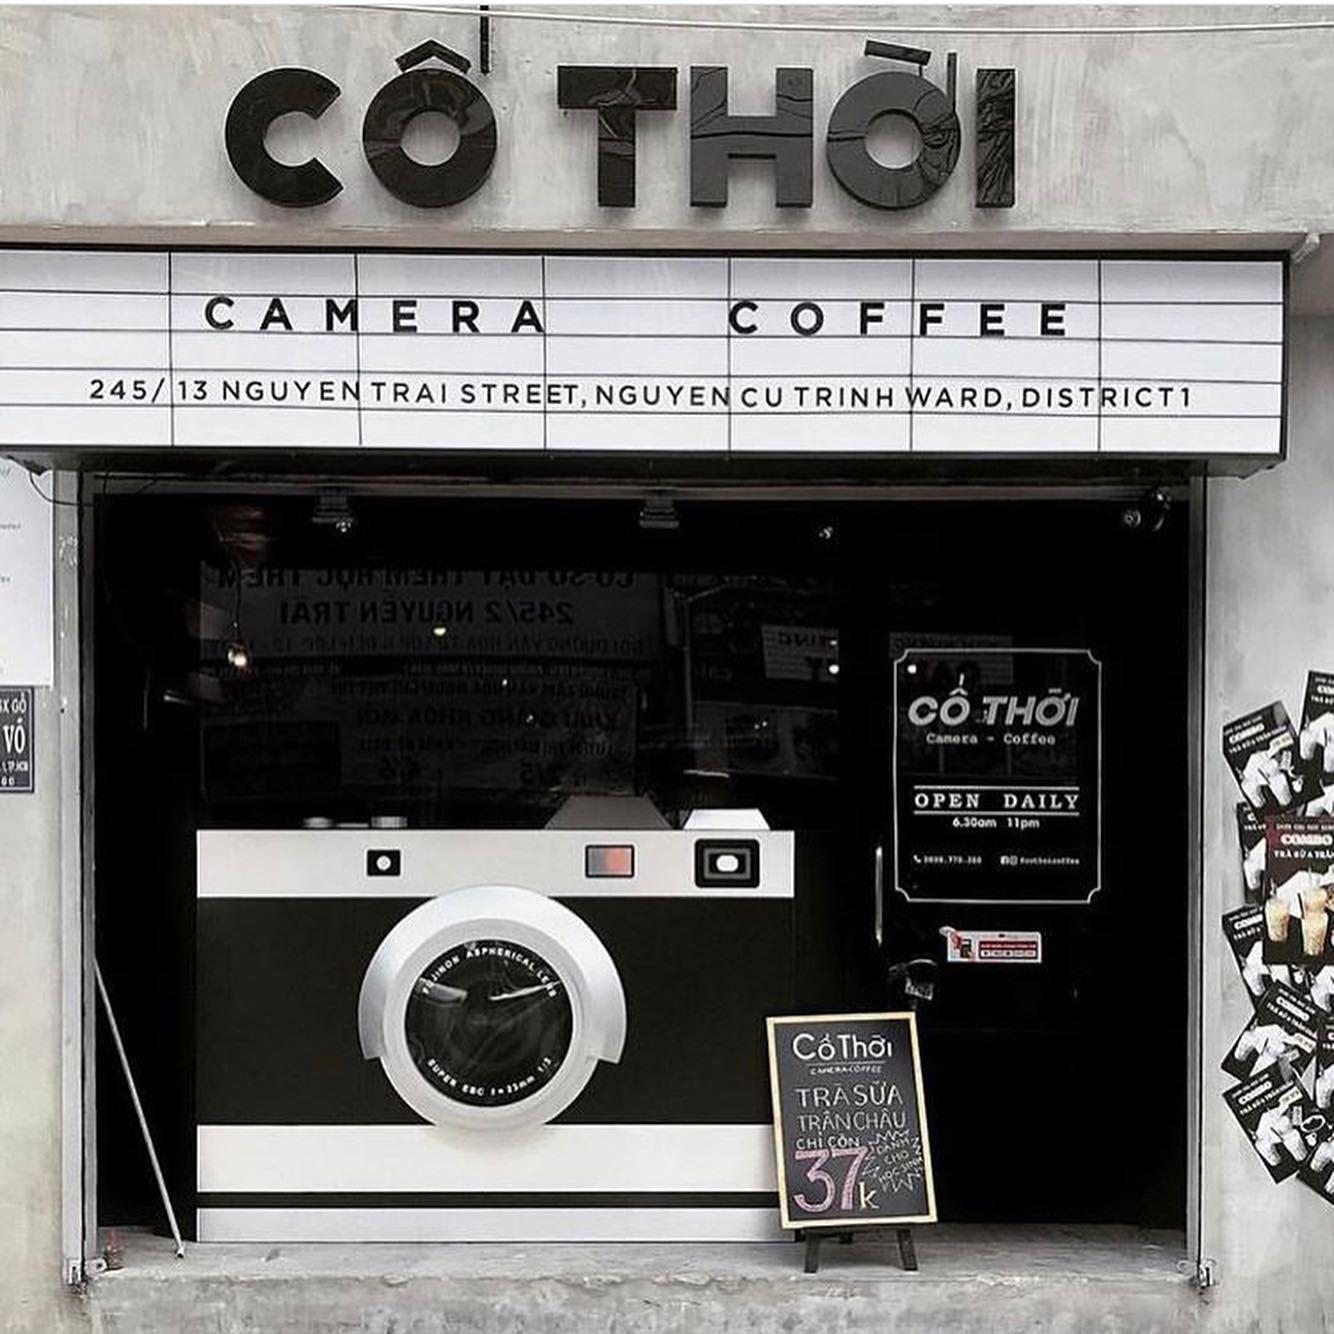 sai-gon-cafe-co-thoi-coffee-sai-gon-4